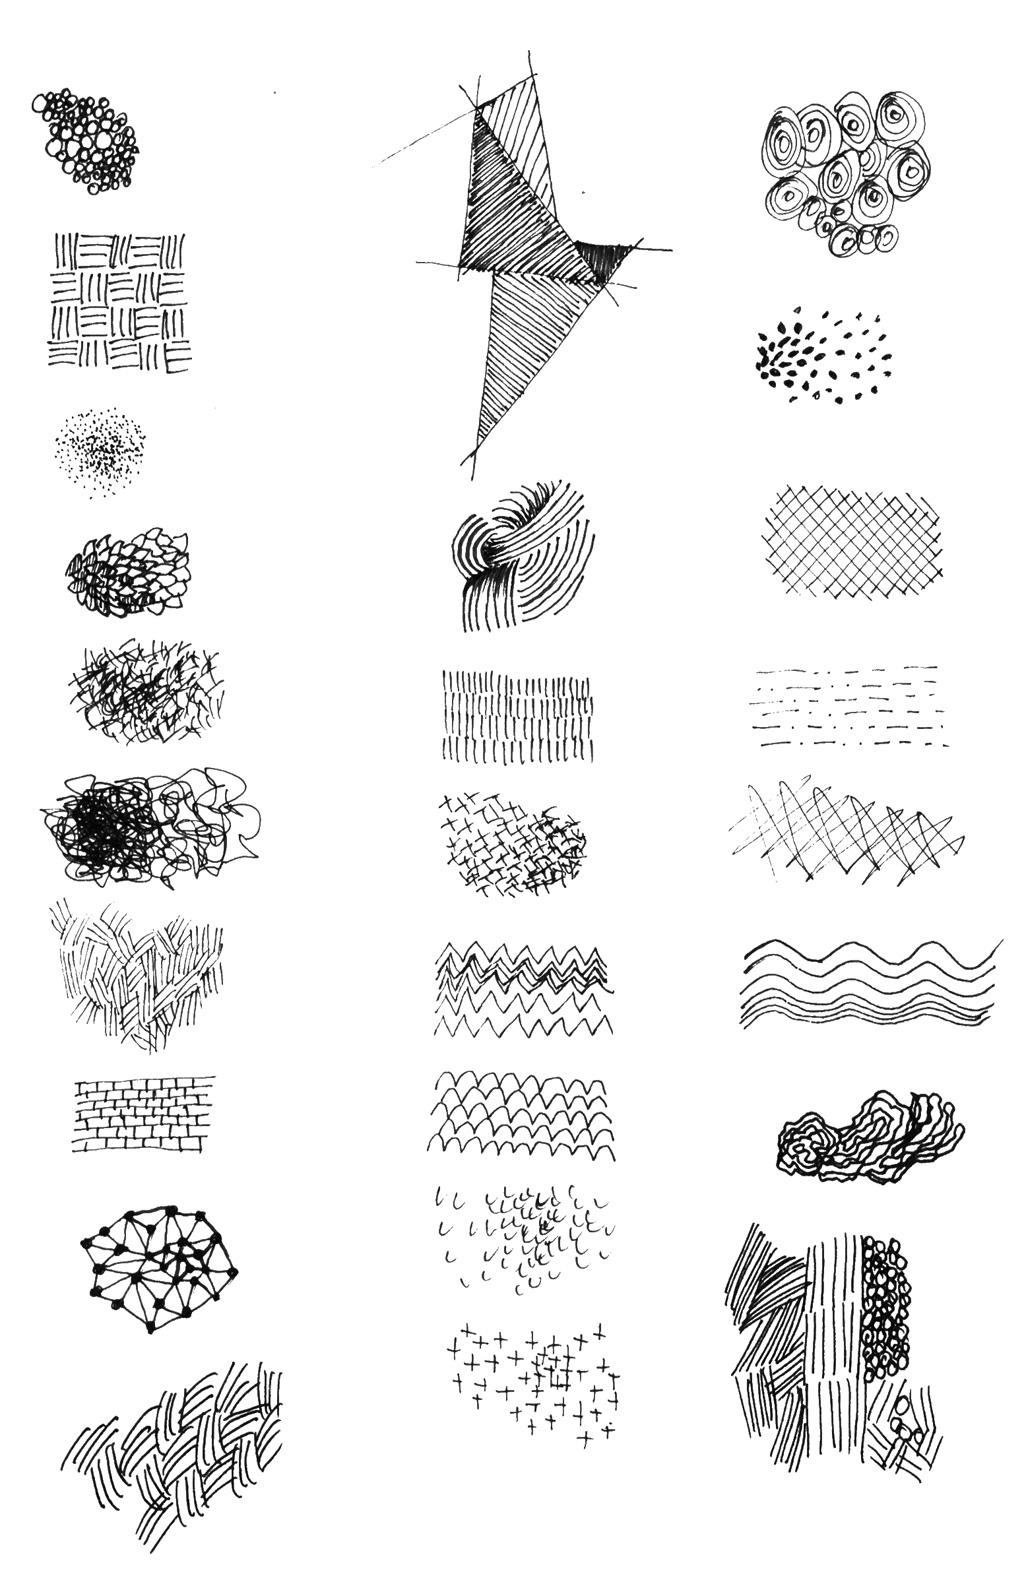 Schraffieren mit Formen